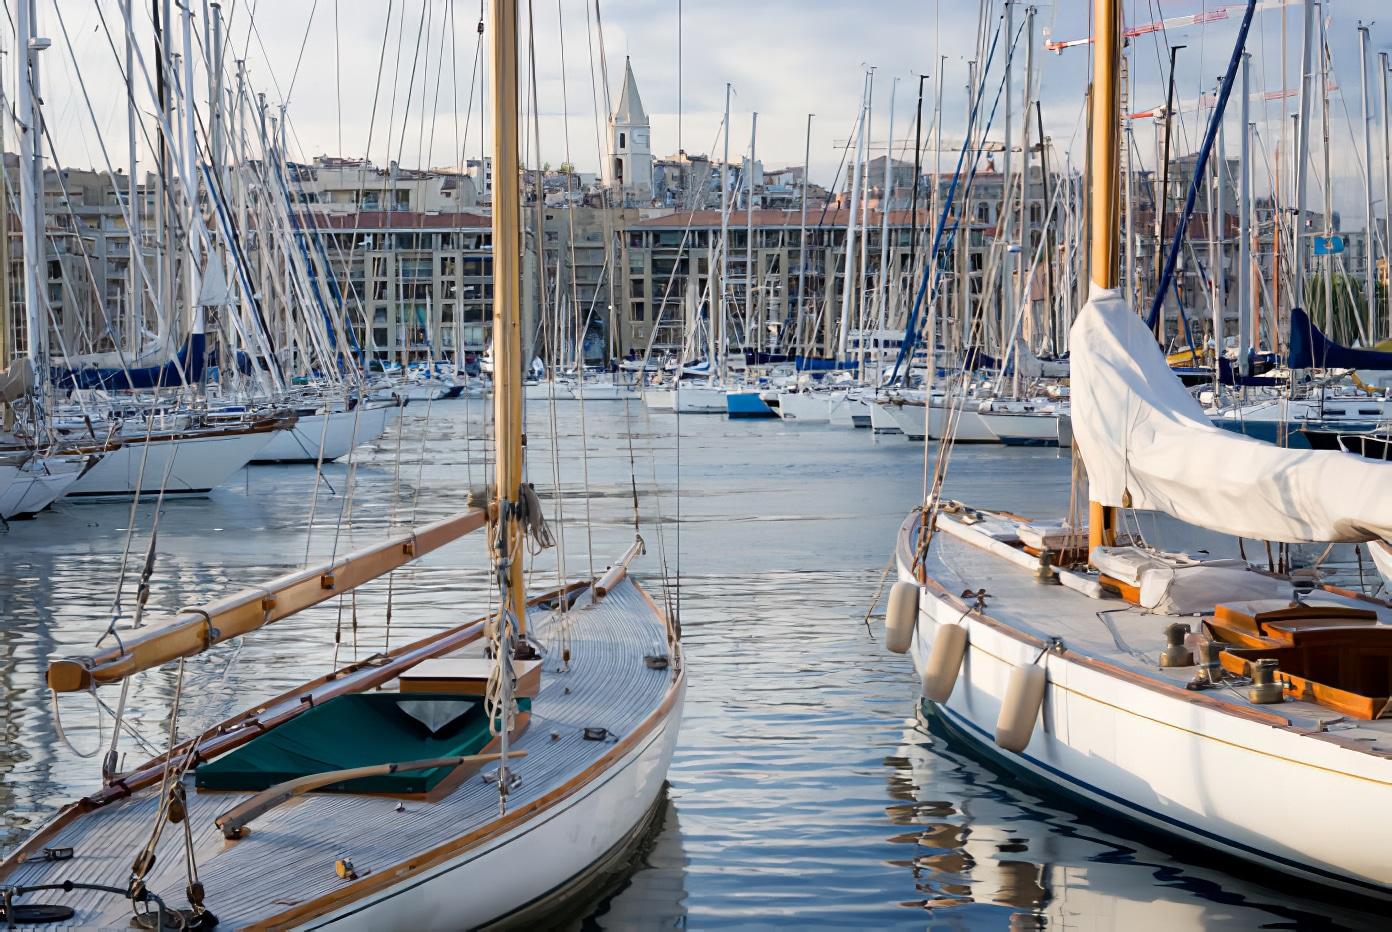 Visiter le Vieux Port de Marseille